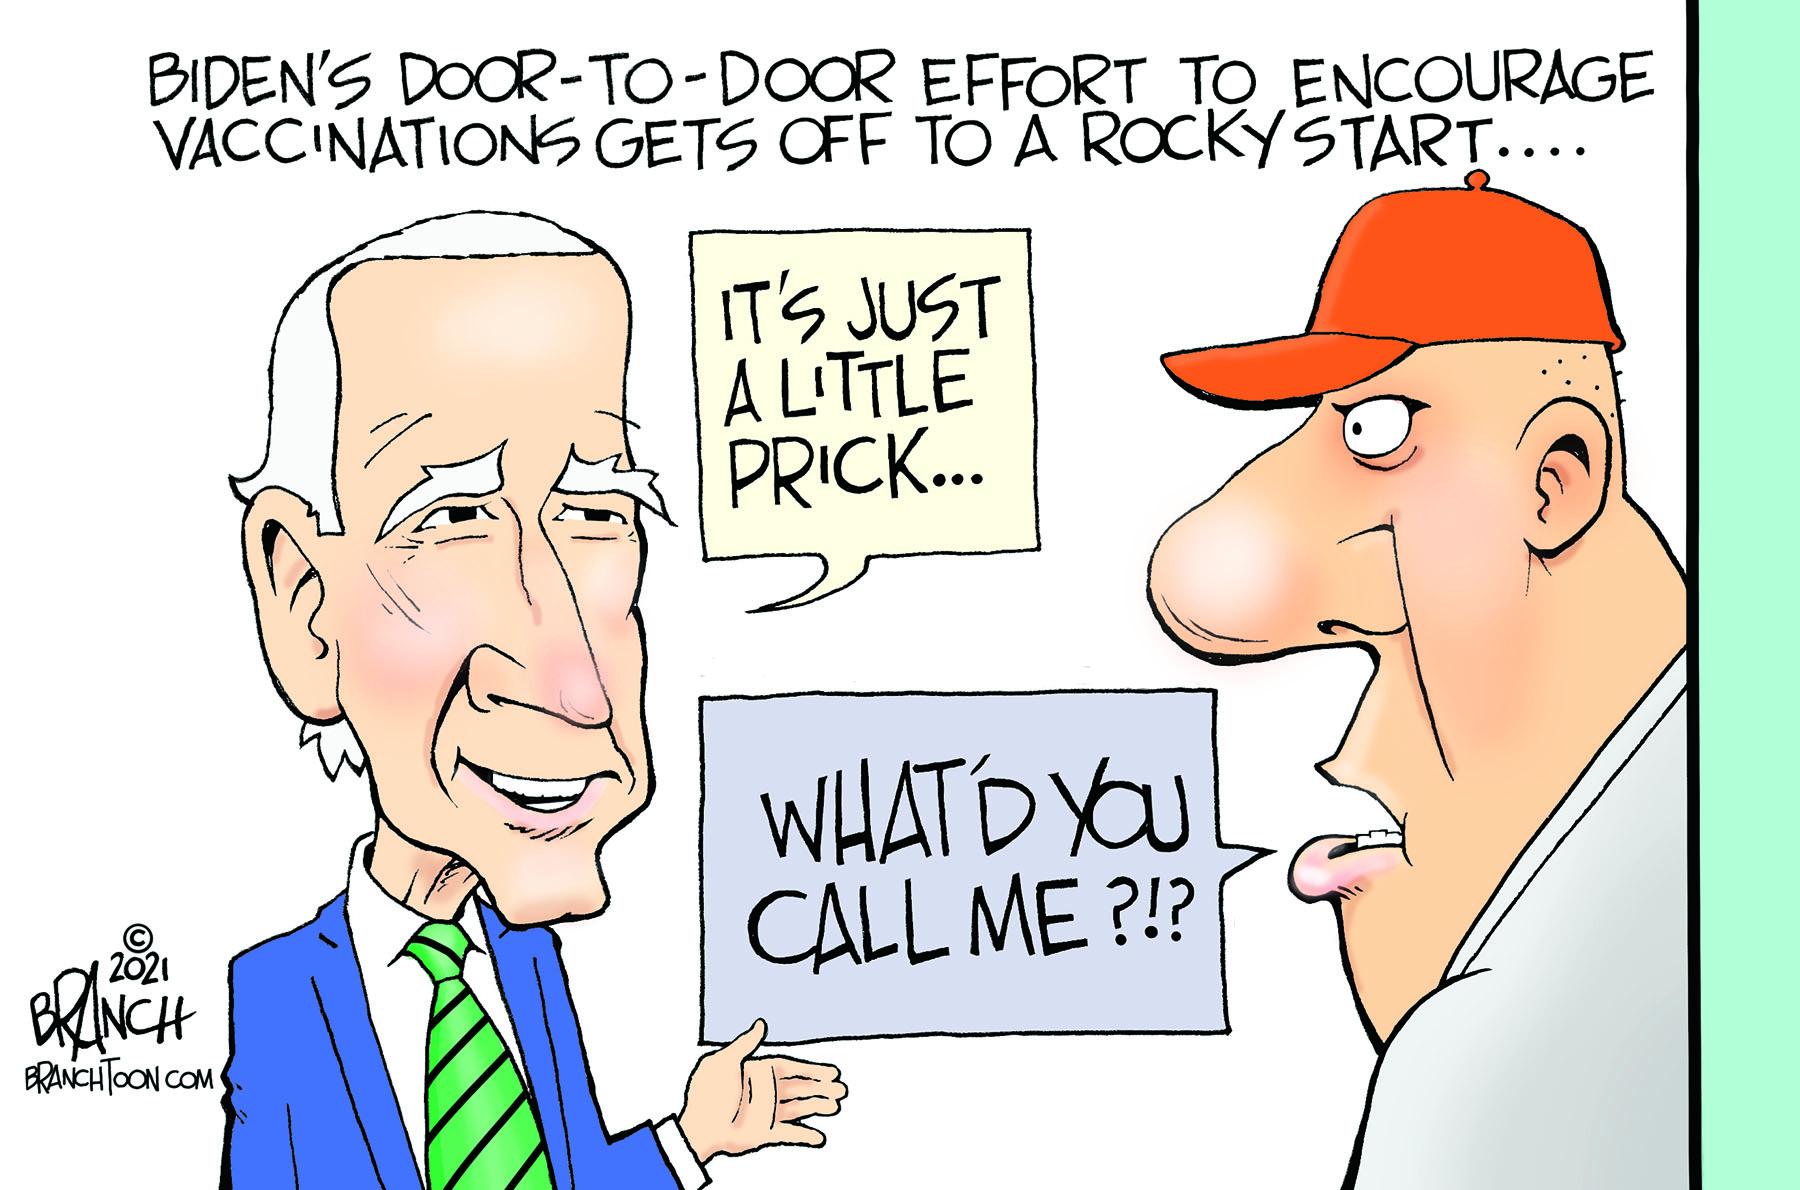 071321-biden-door-to-door-prick-web